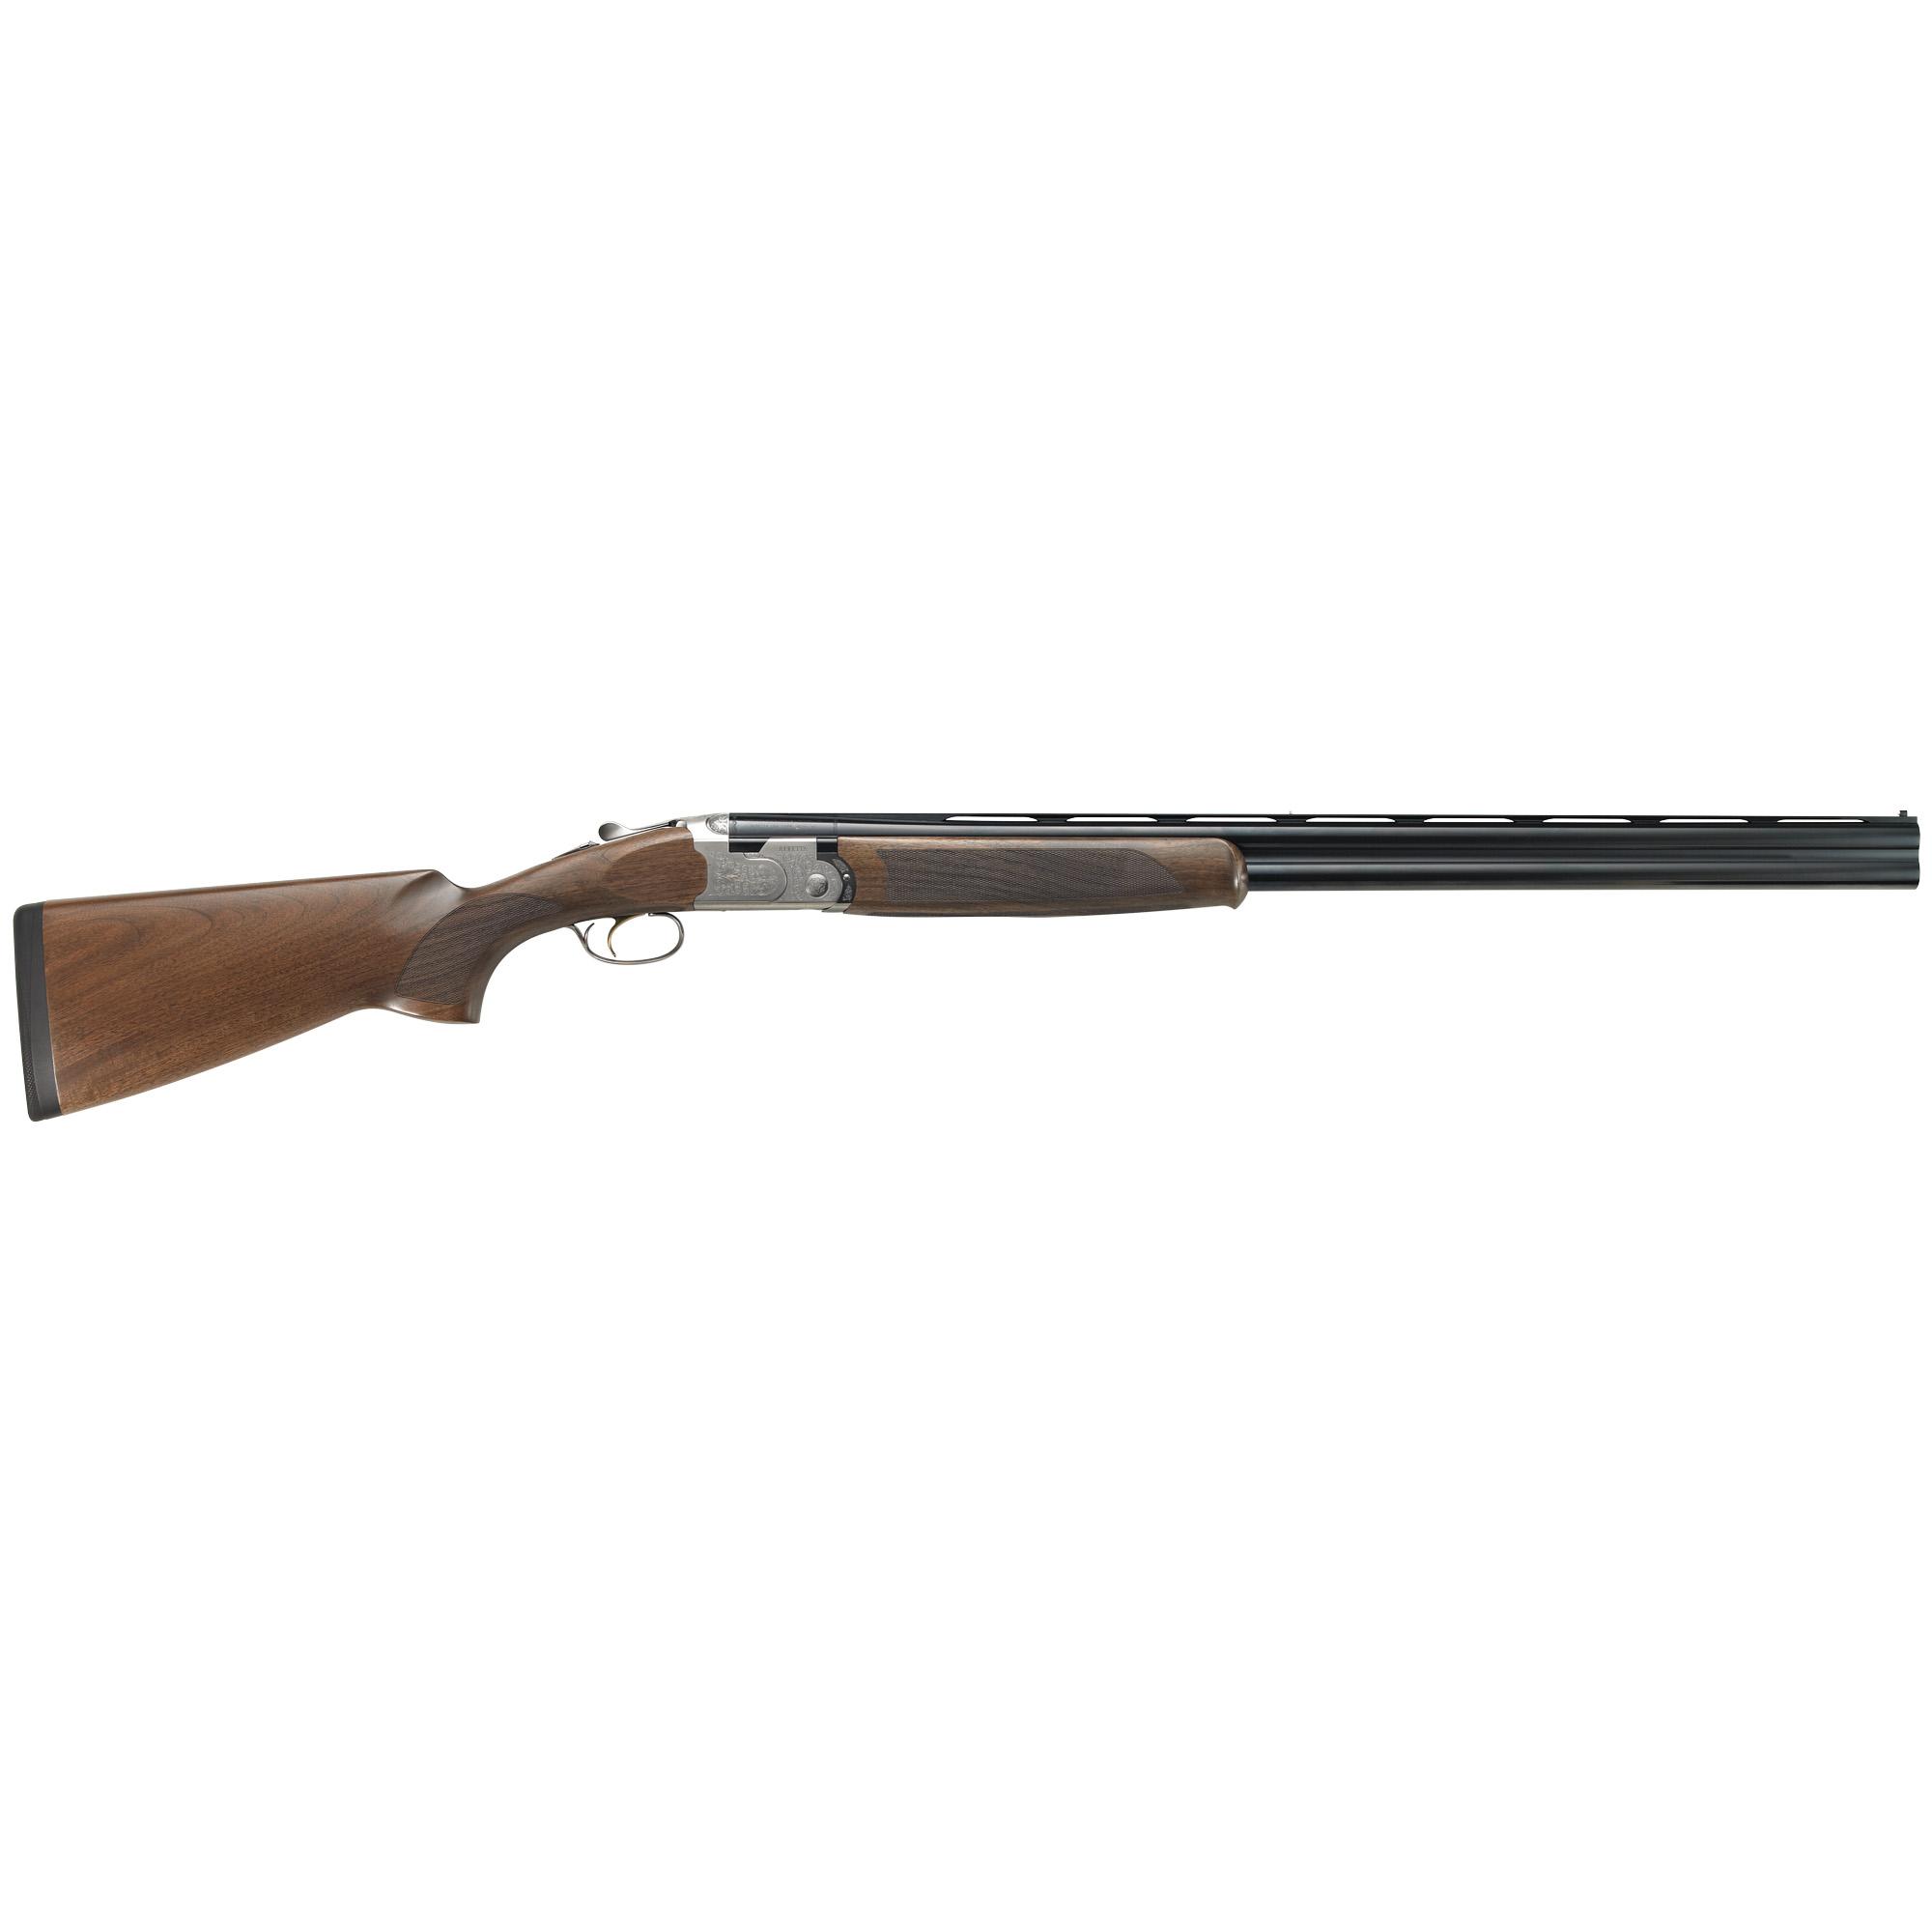 Beretta 686 12/28 Silver Pigeon I